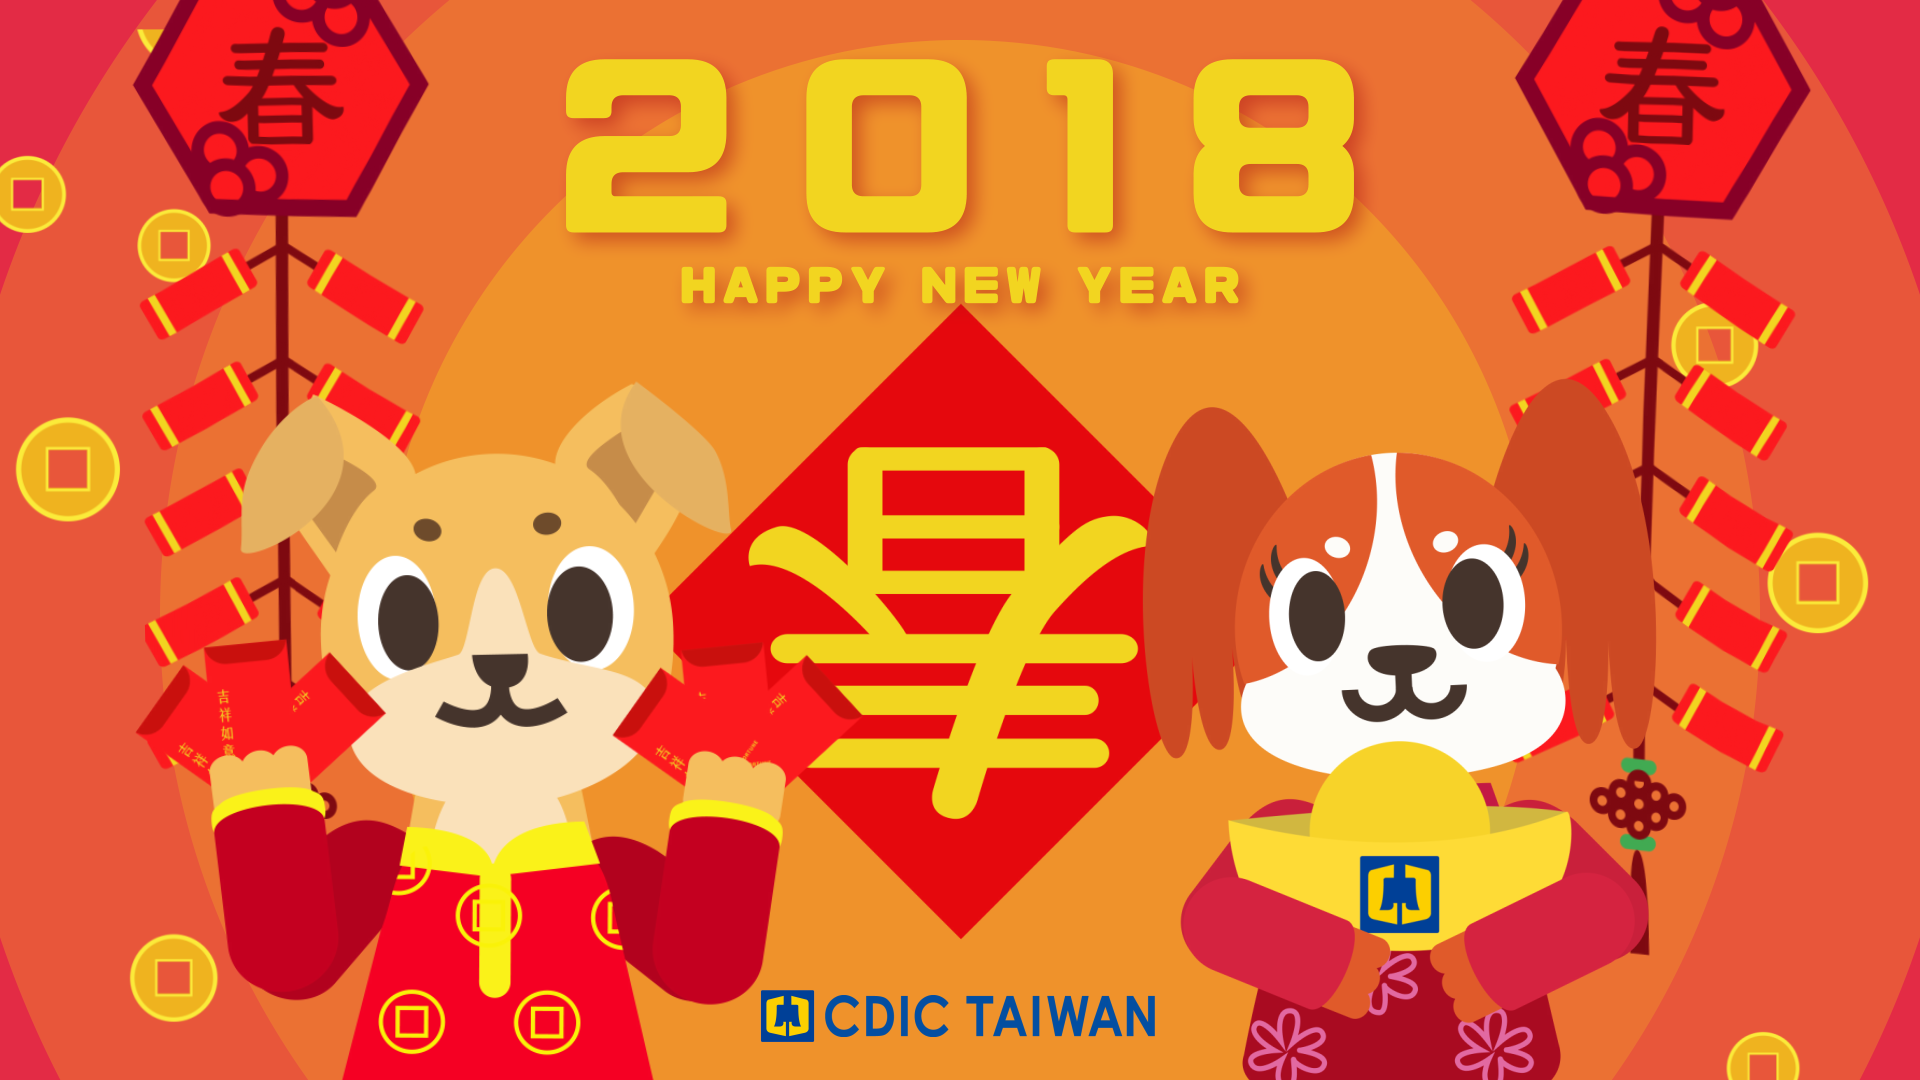 中央存保公司敬祝新年快樂